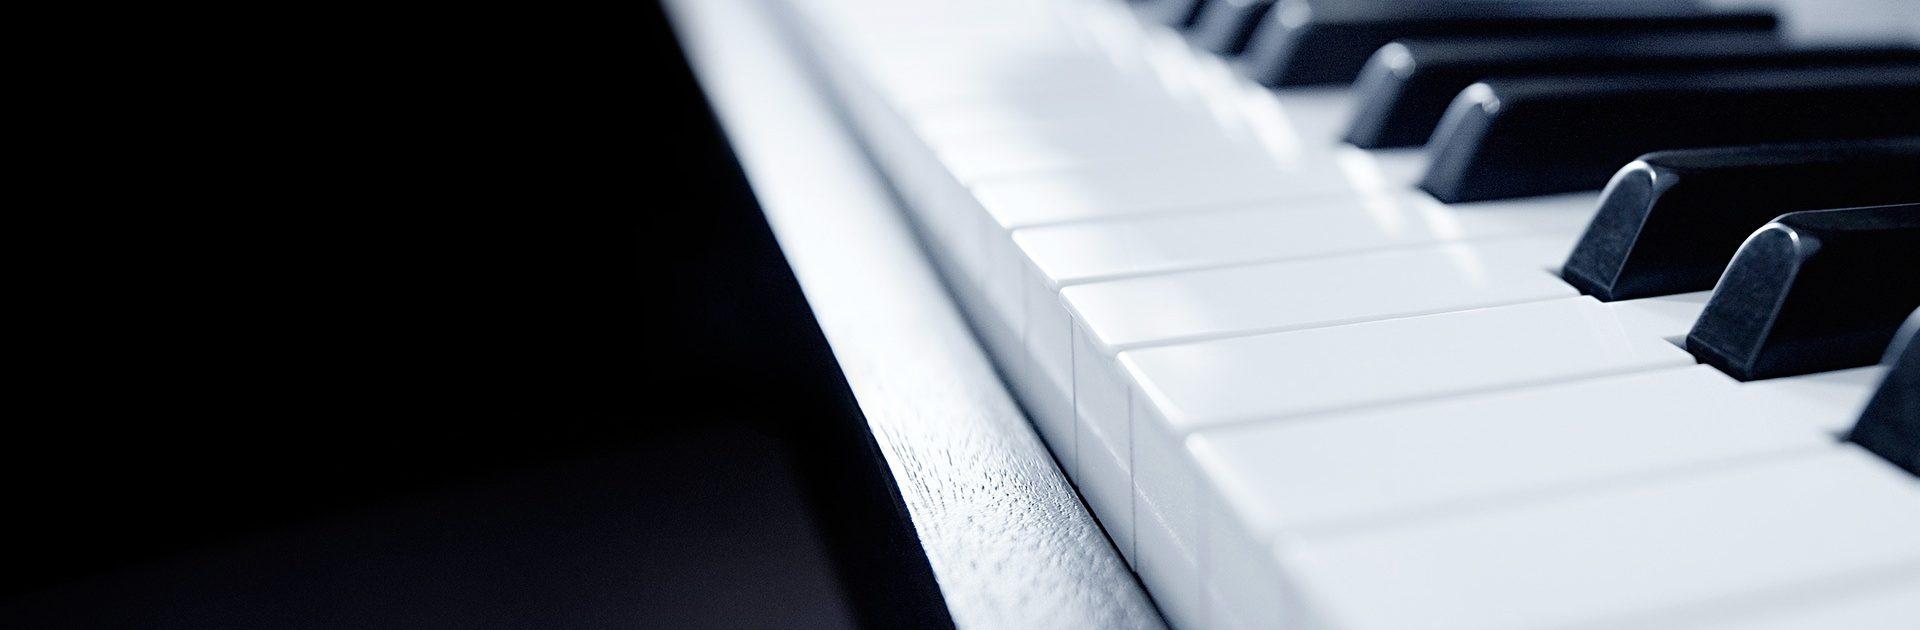 Piano Near Far Focus 1920x630